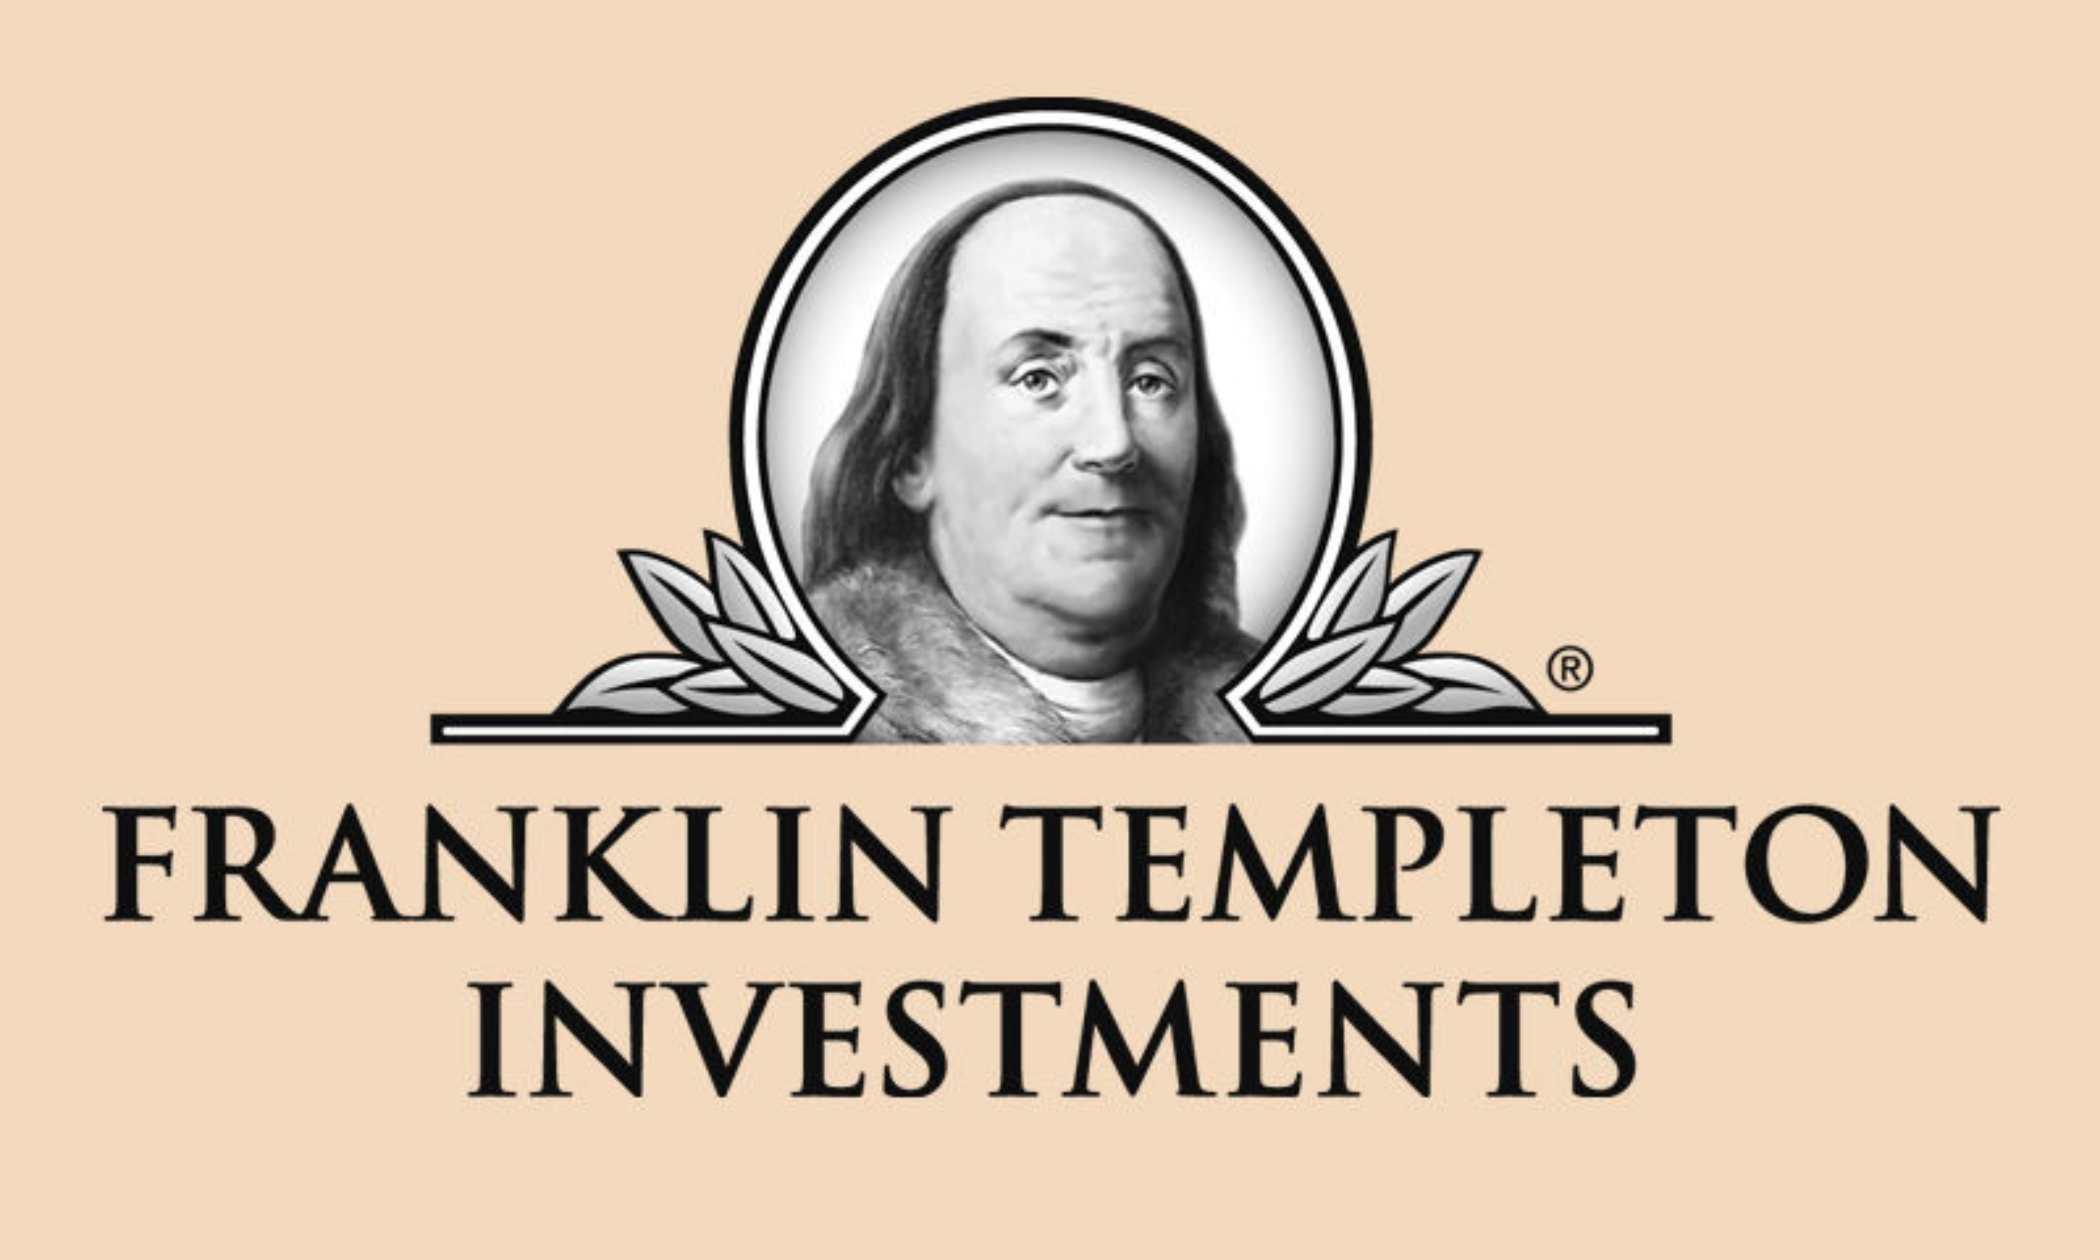 फ्रैंकलिन टेम्पलटन: सुप्रीम कोर्ट ने ऋण कोष बंद करने के मामलों को गुजरात, मद्रास और दिल्ली हाईकोर्ट से कर्नाटक हाईकोर्ट में ट्रांसफर किया